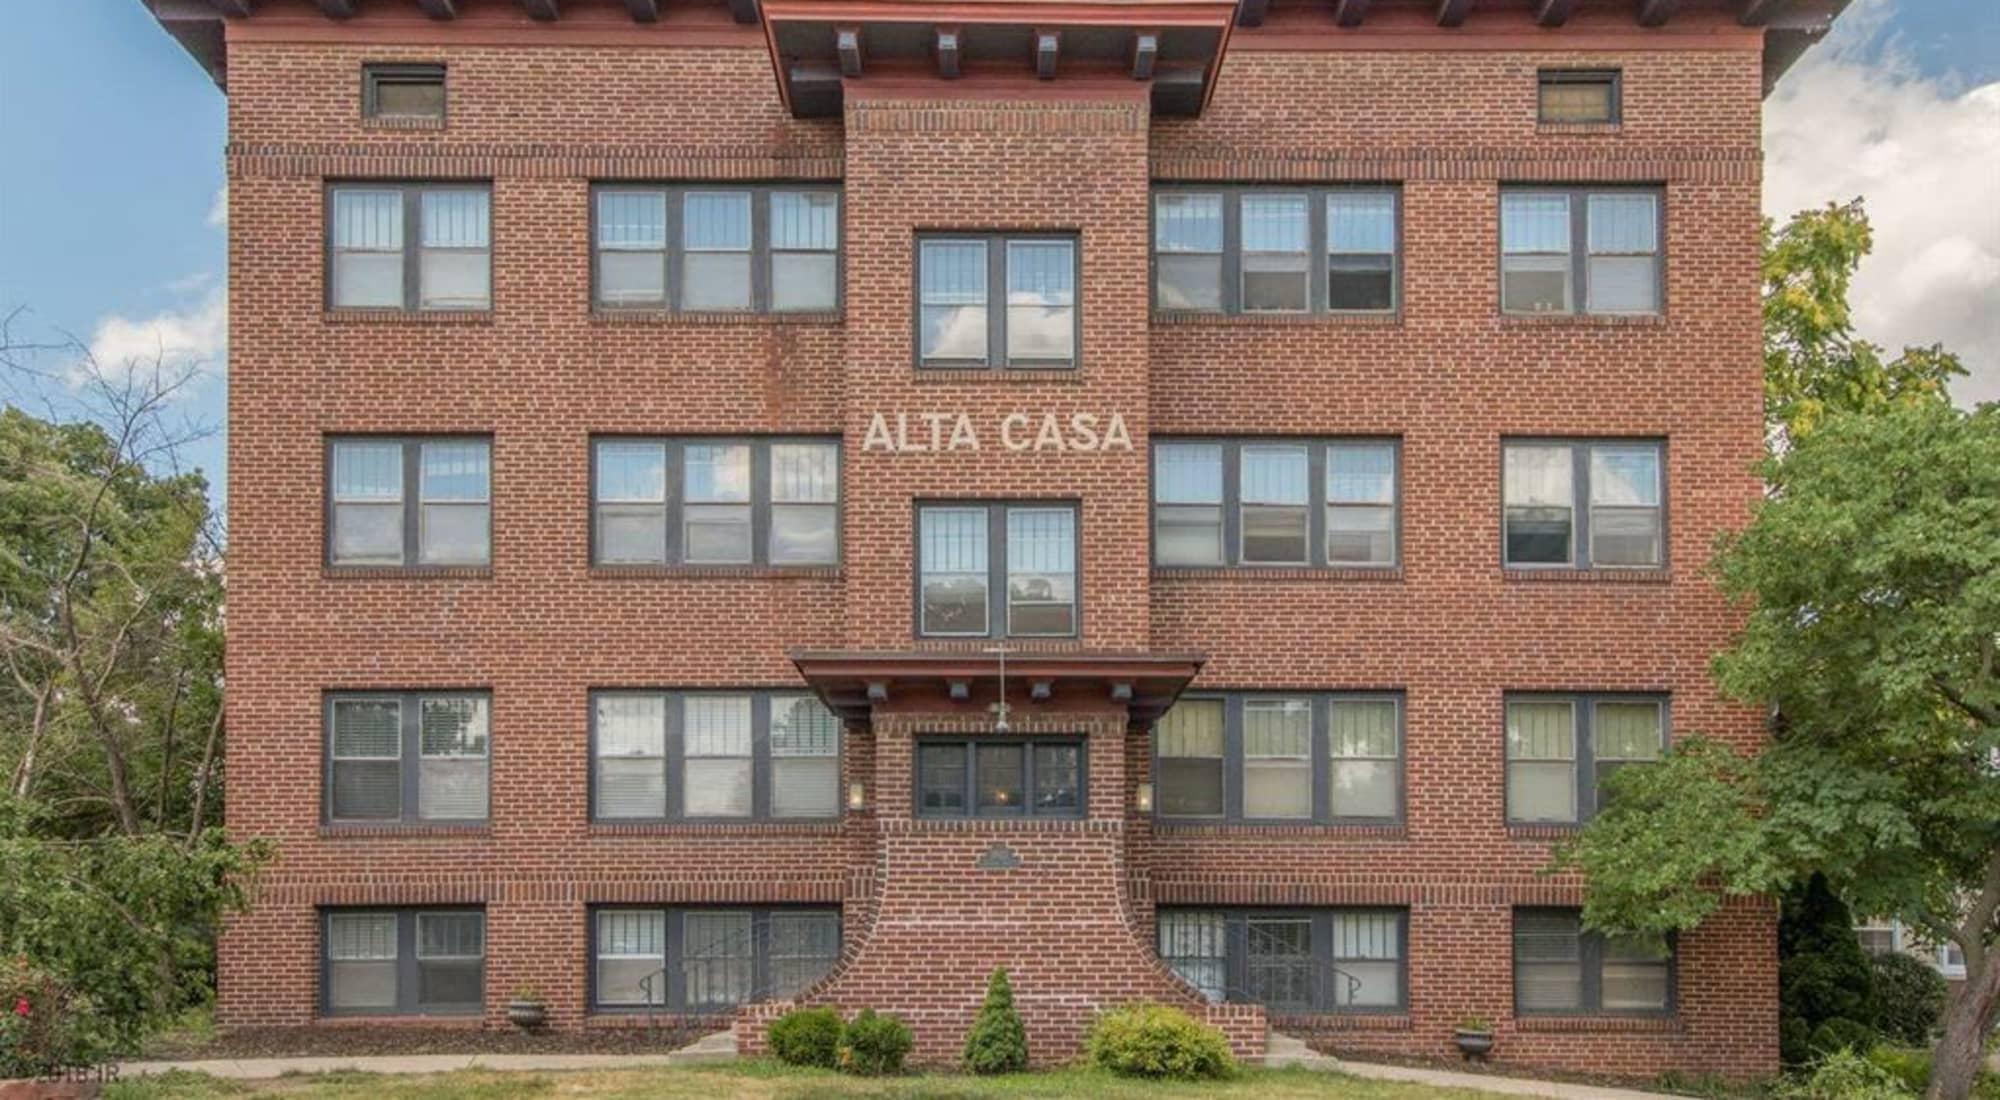 Apartments at Alta Casa, Des Moines, Iowa